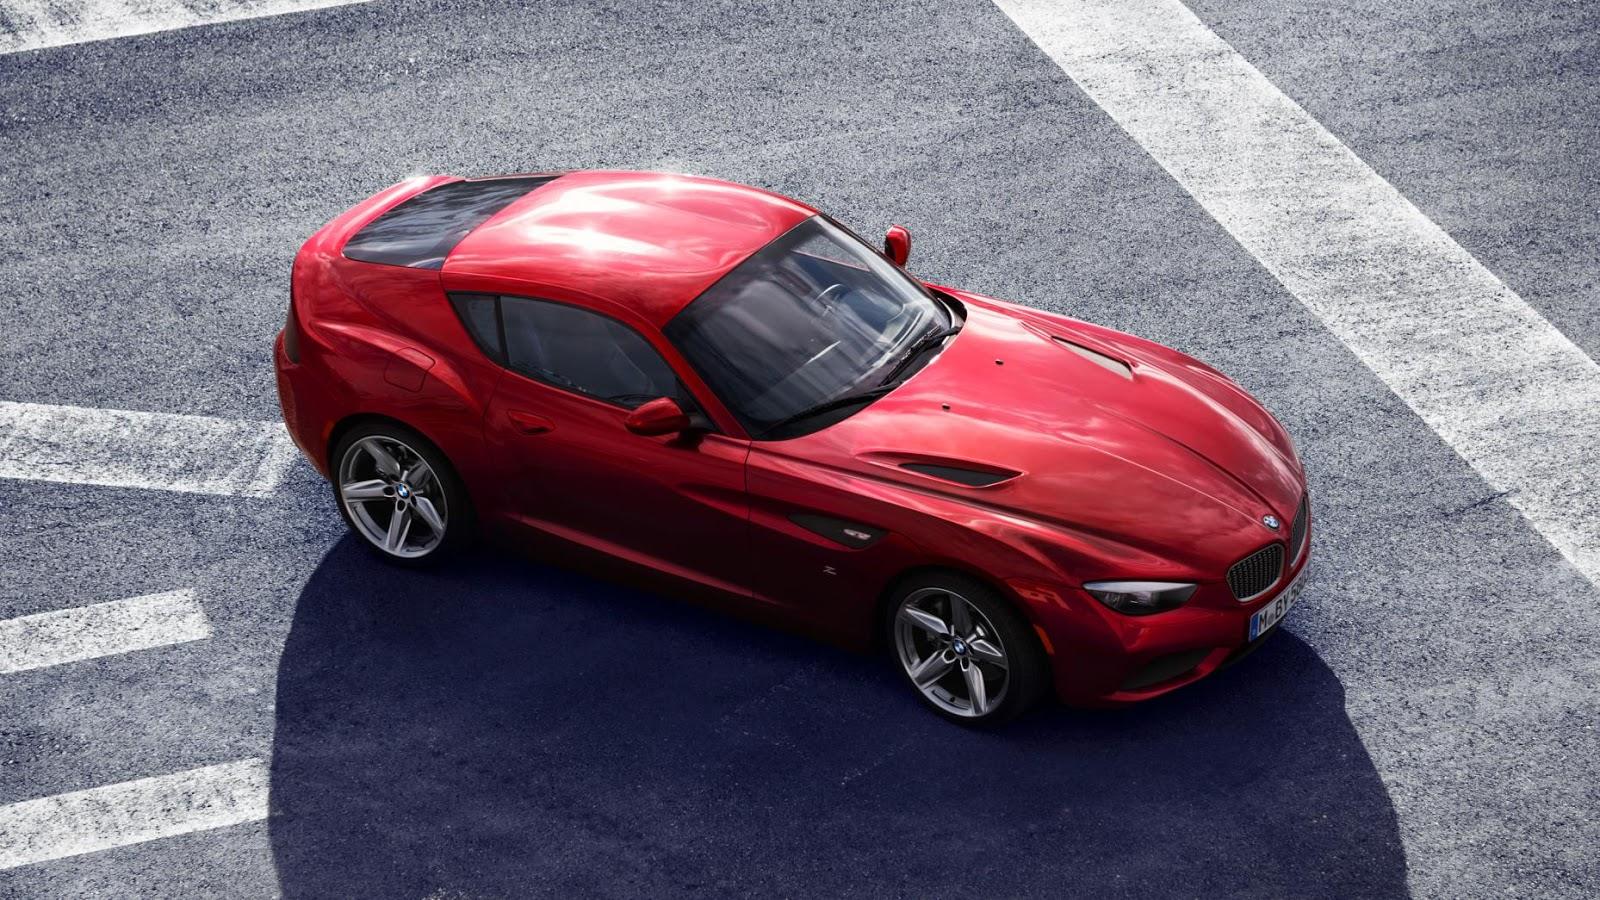 2012: BMW Zagato Coupe concept